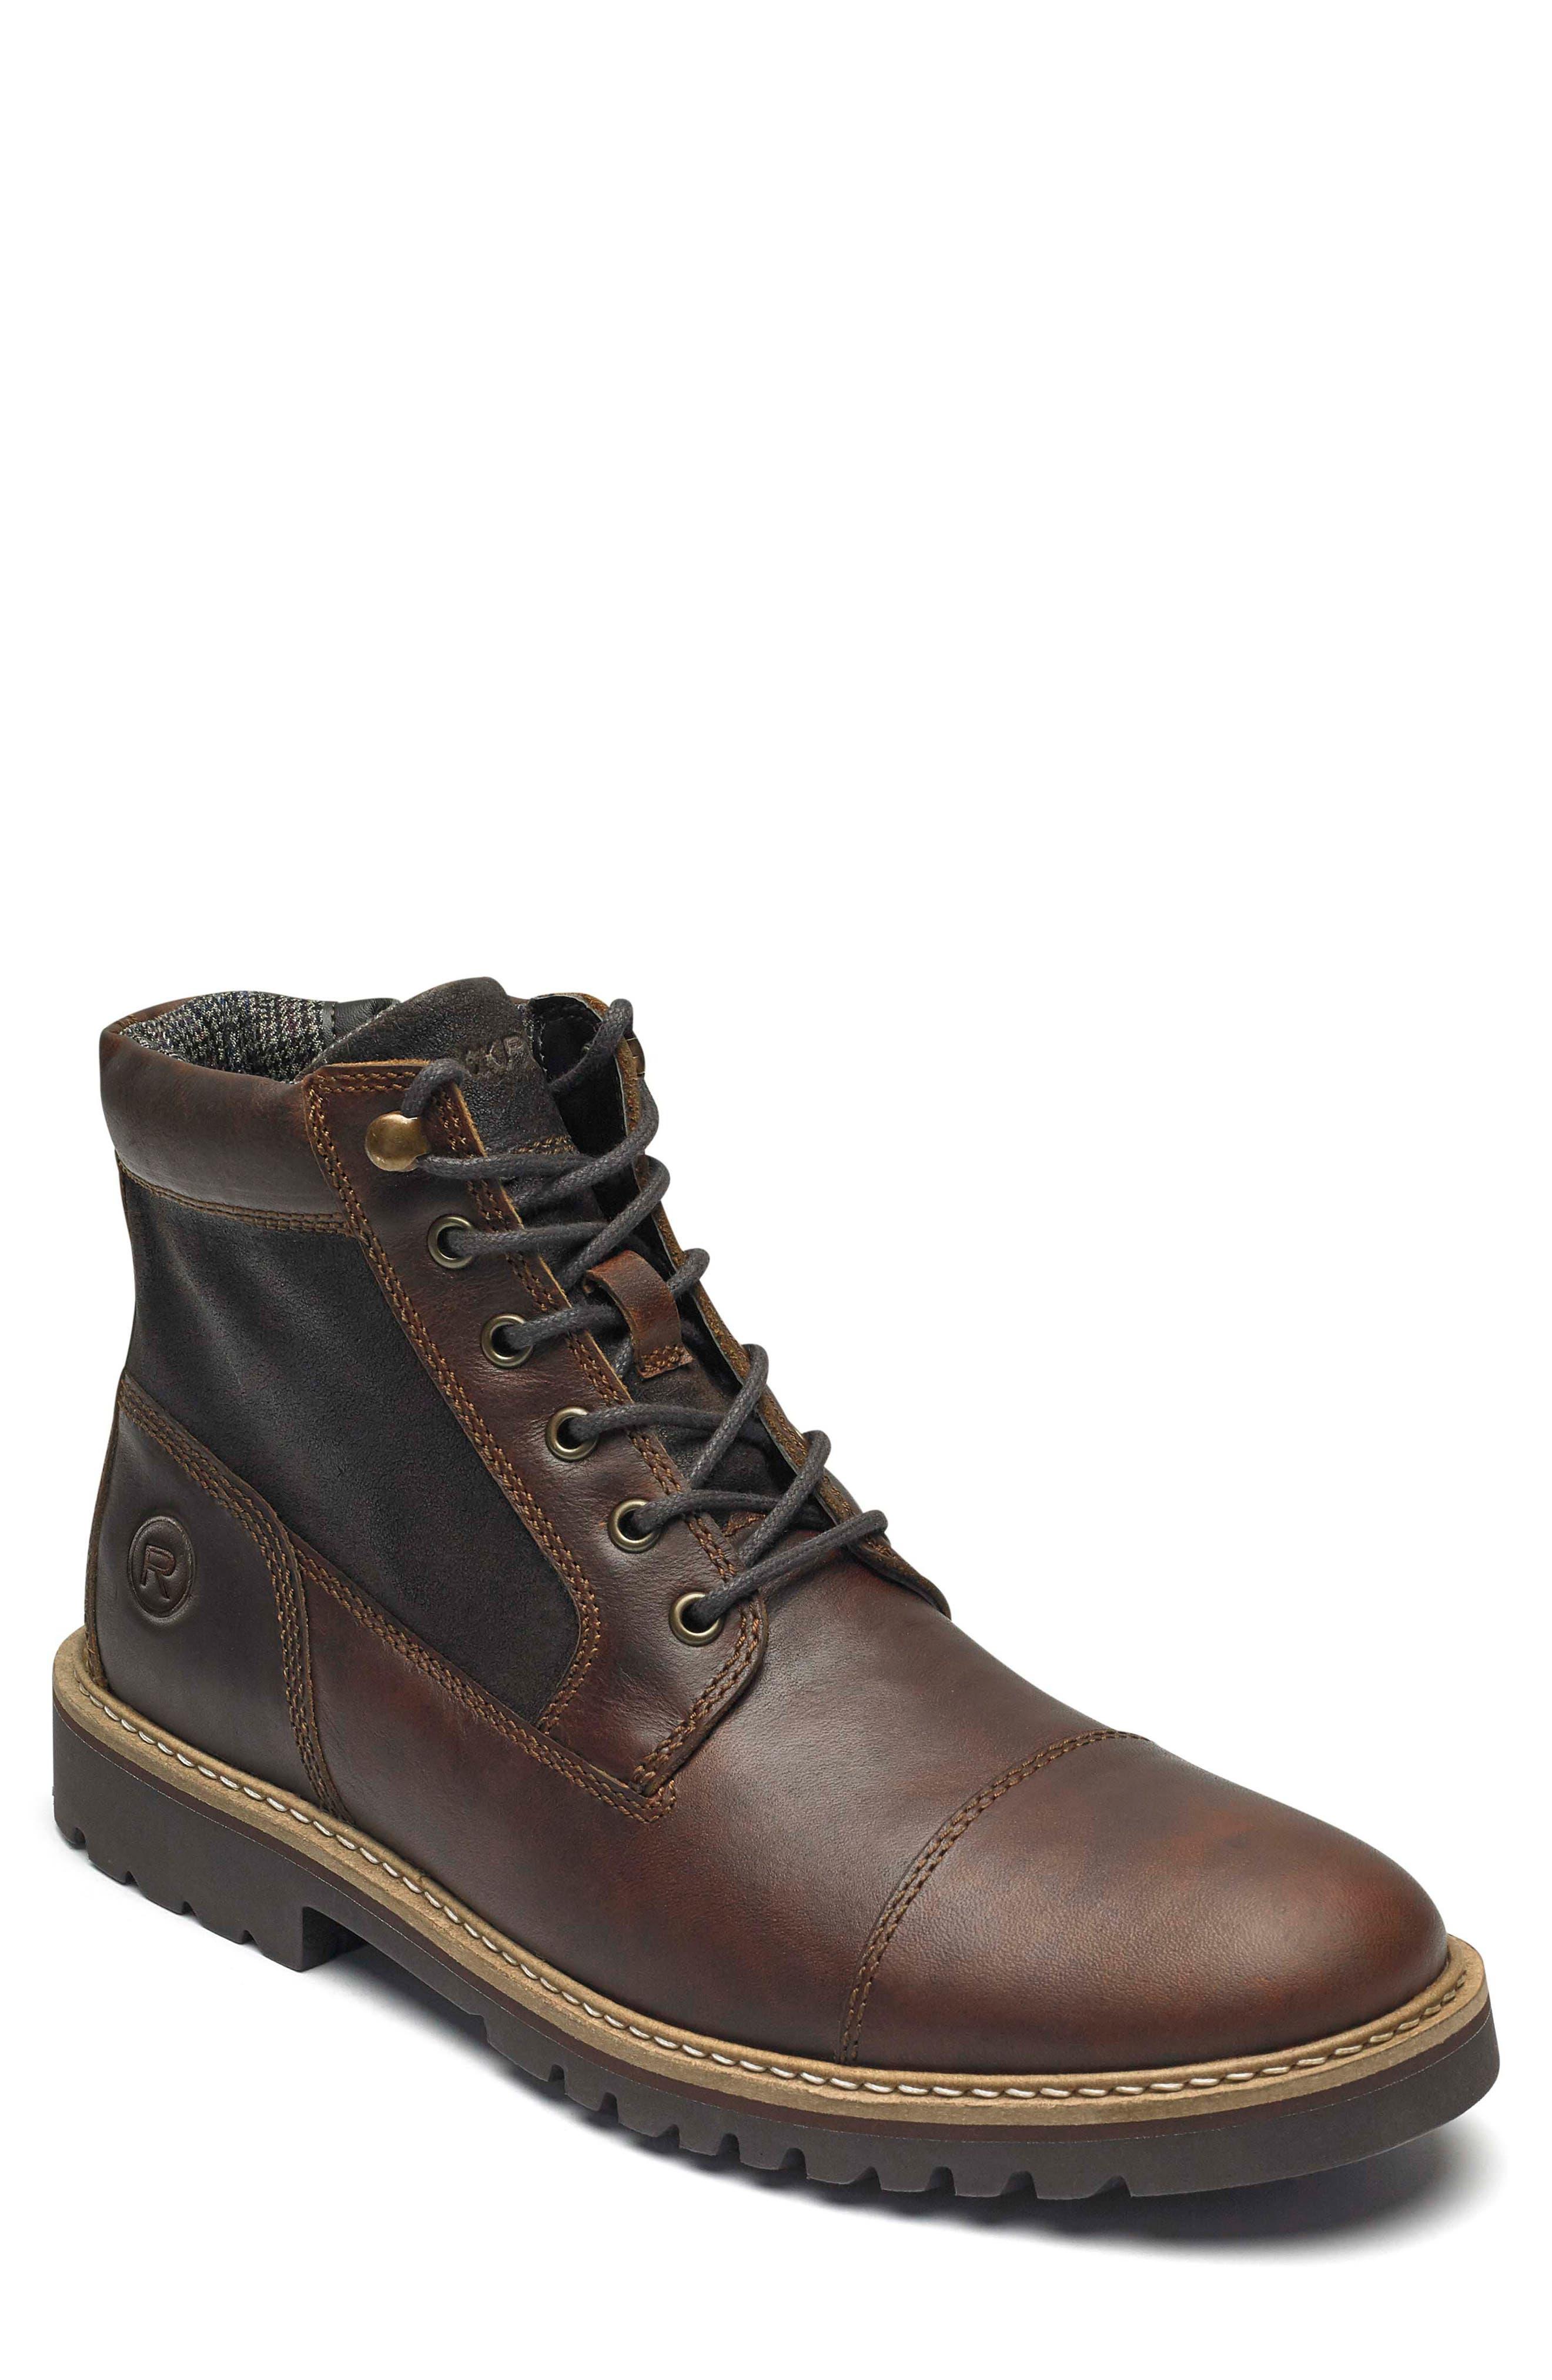 Rockport Marshall Chukka Boot, Brown